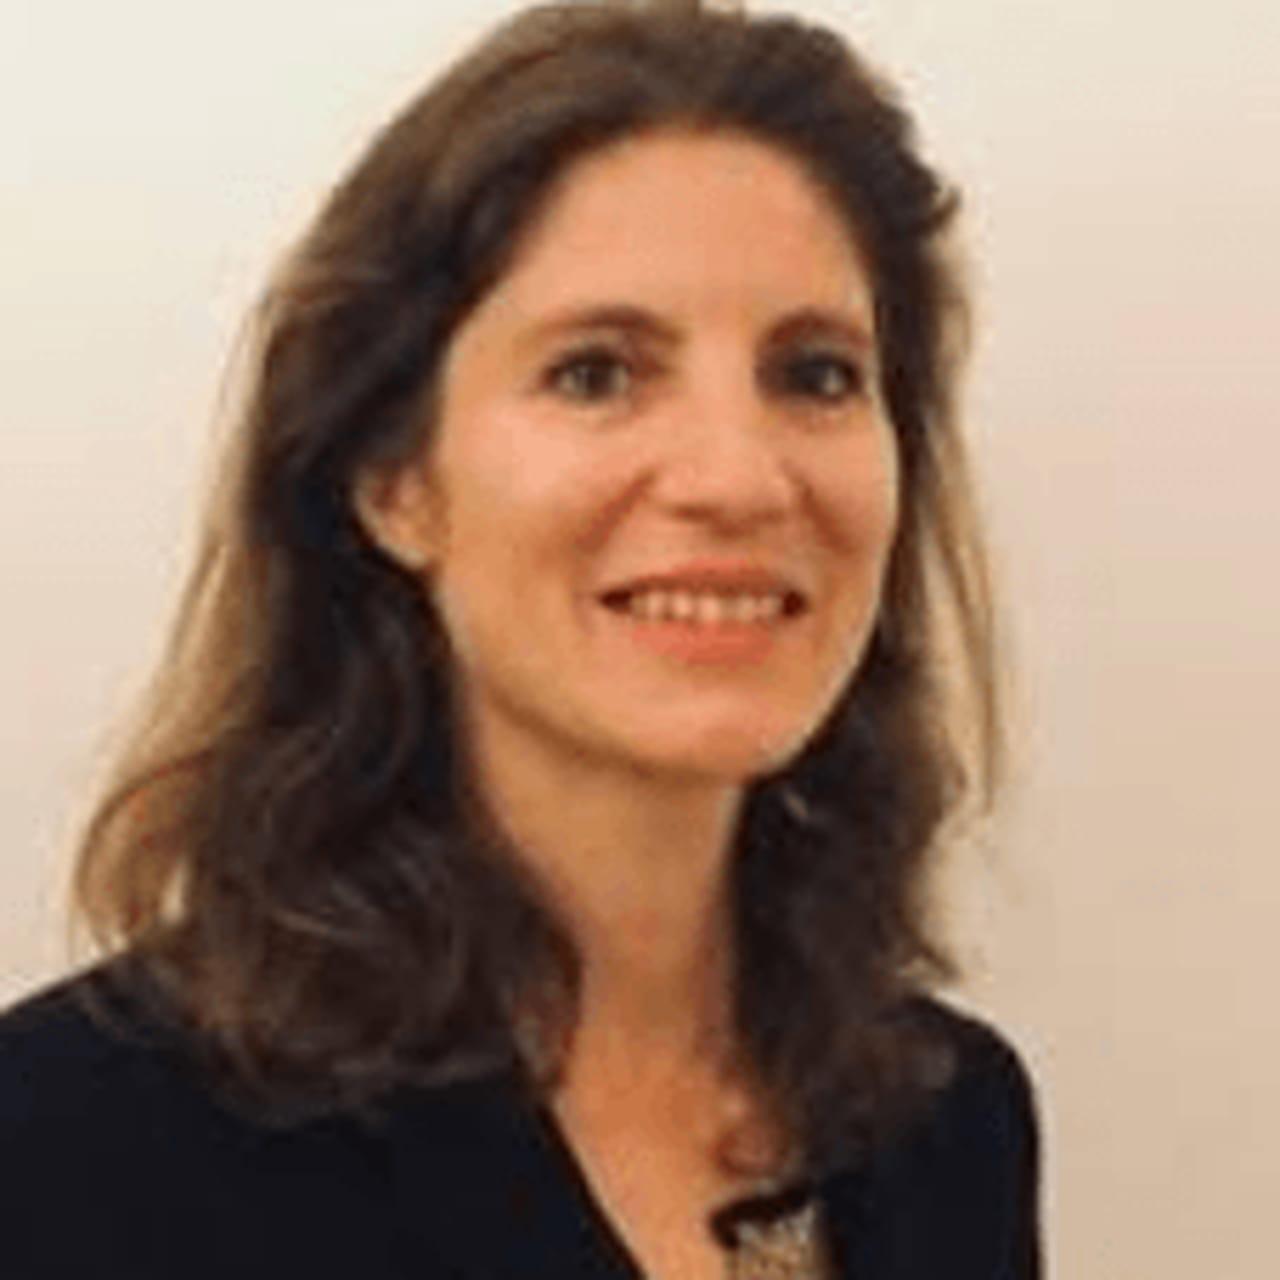 journaldunet.com - Aline Gouget - Pourquoi les experts en cryptographie se préparent à l'informatique quantique ?